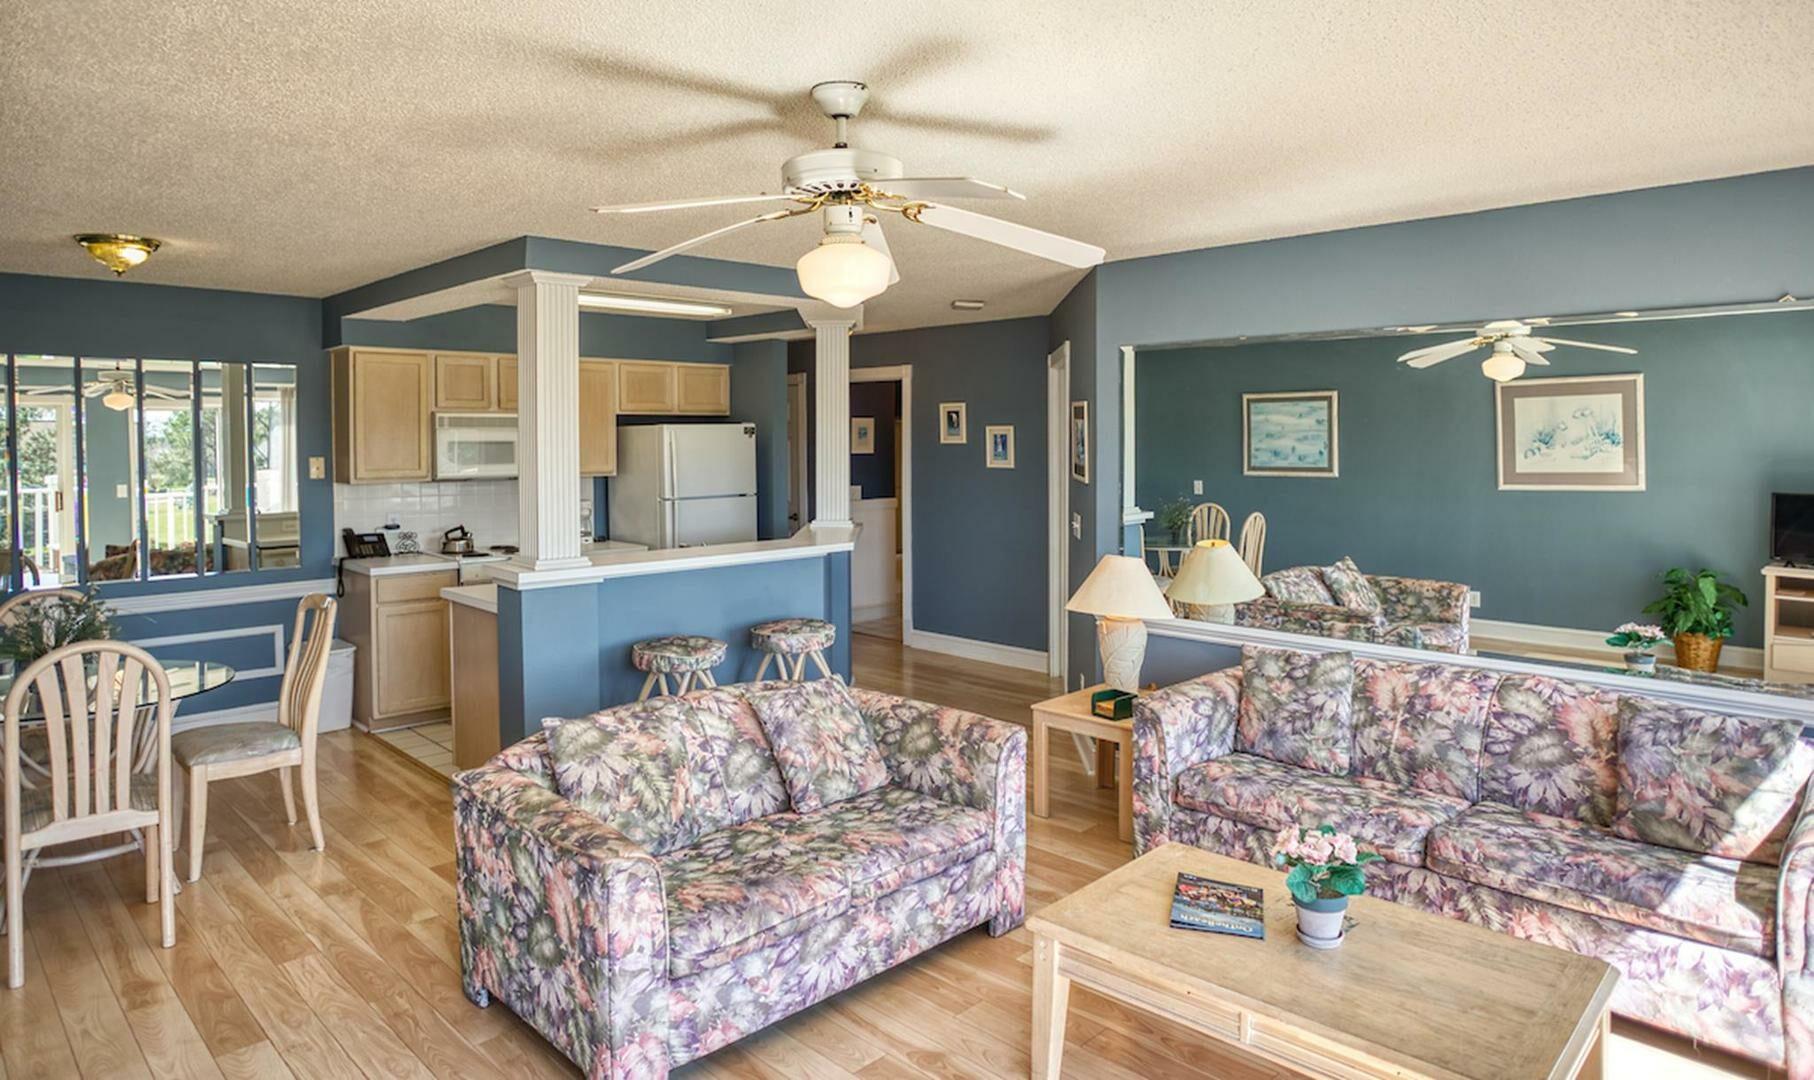 208 2 Bedroom/2 Bath Villa